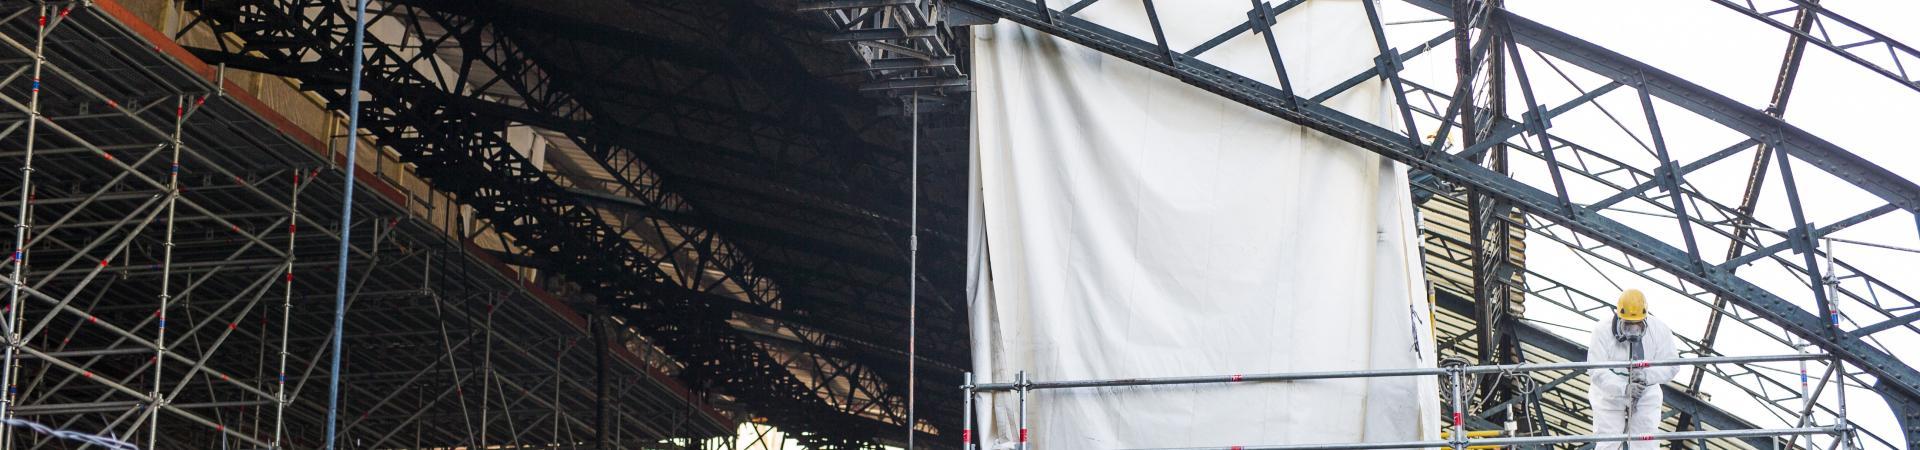 Rénovation de la grande verrière en gare de Tulle (19)